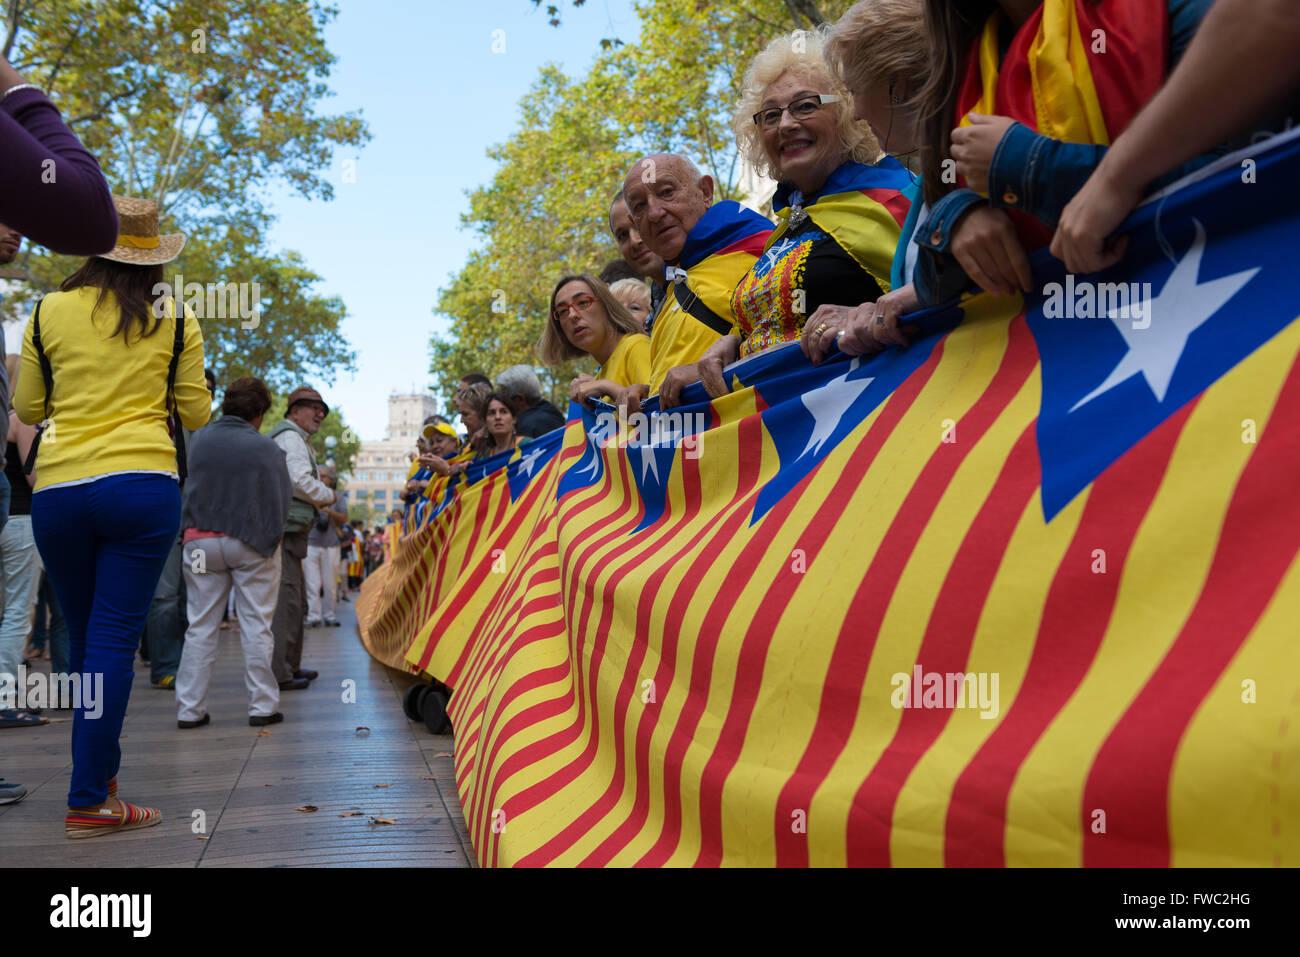 La Journée nationale du drapeau de la Catalogne à Barcelone, Espagne Photo Stock